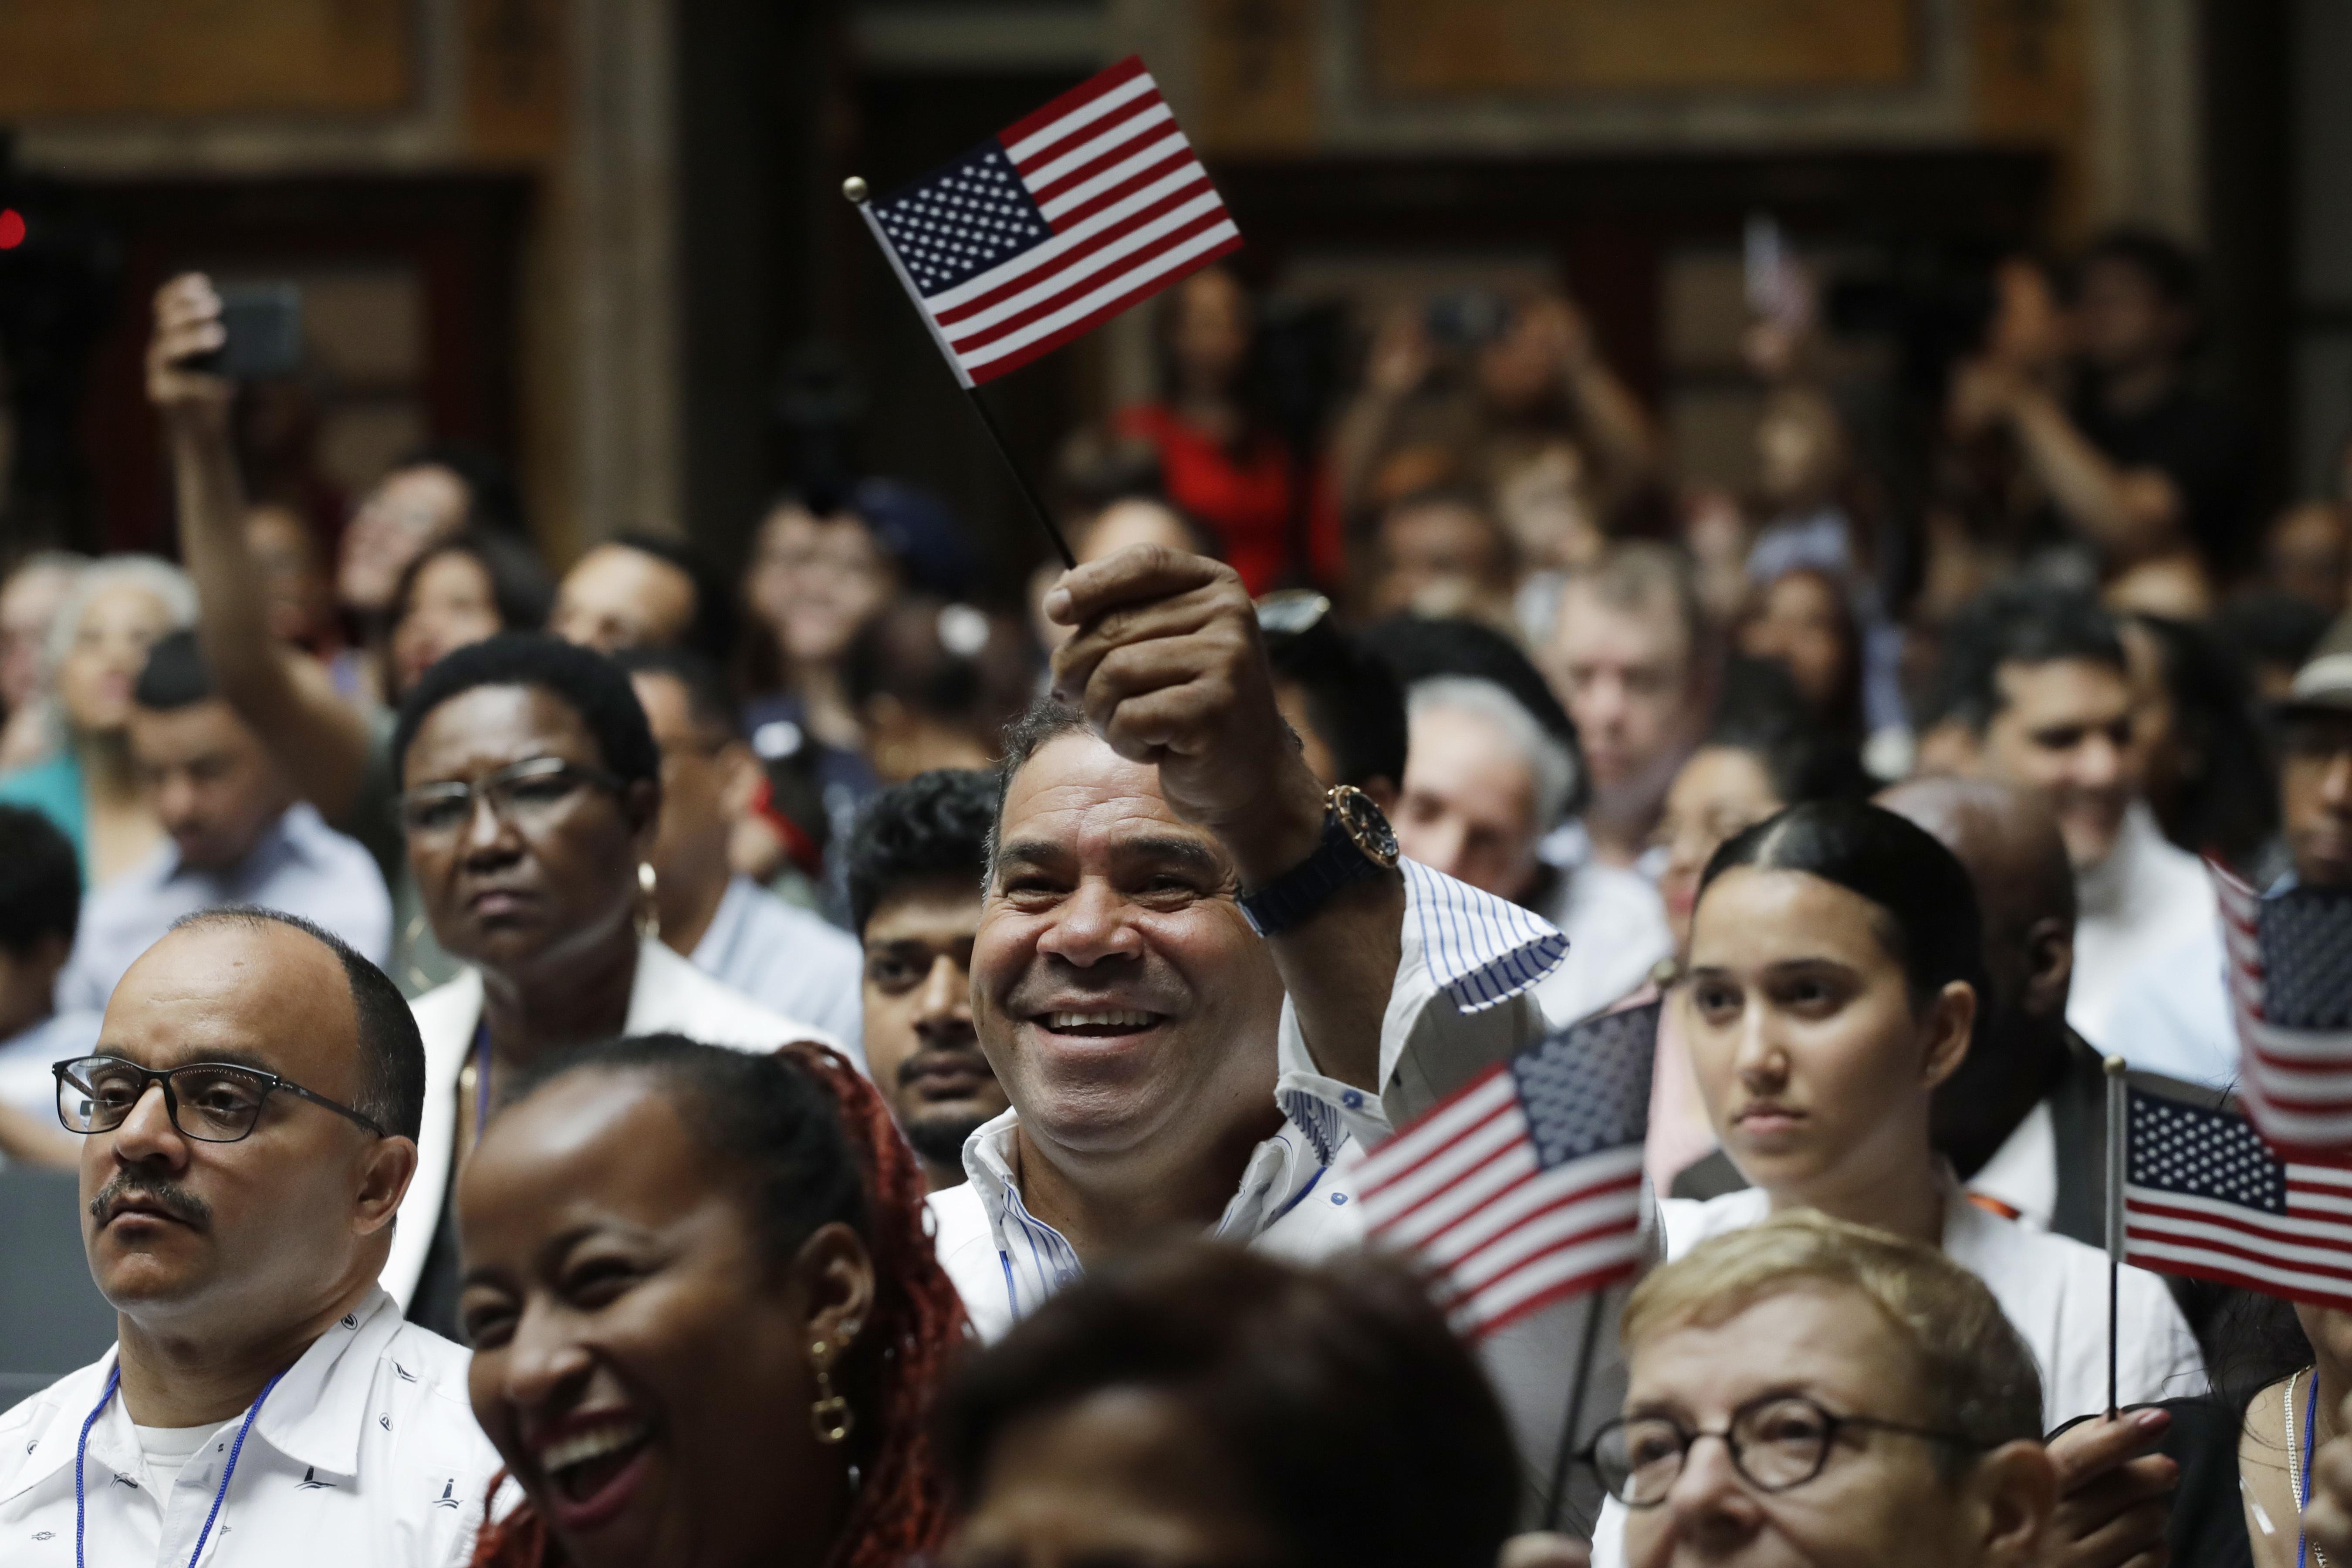 مواطنون جدد يلوحون بعلم الولايات المتحدة خلال مراسم في نيويورك